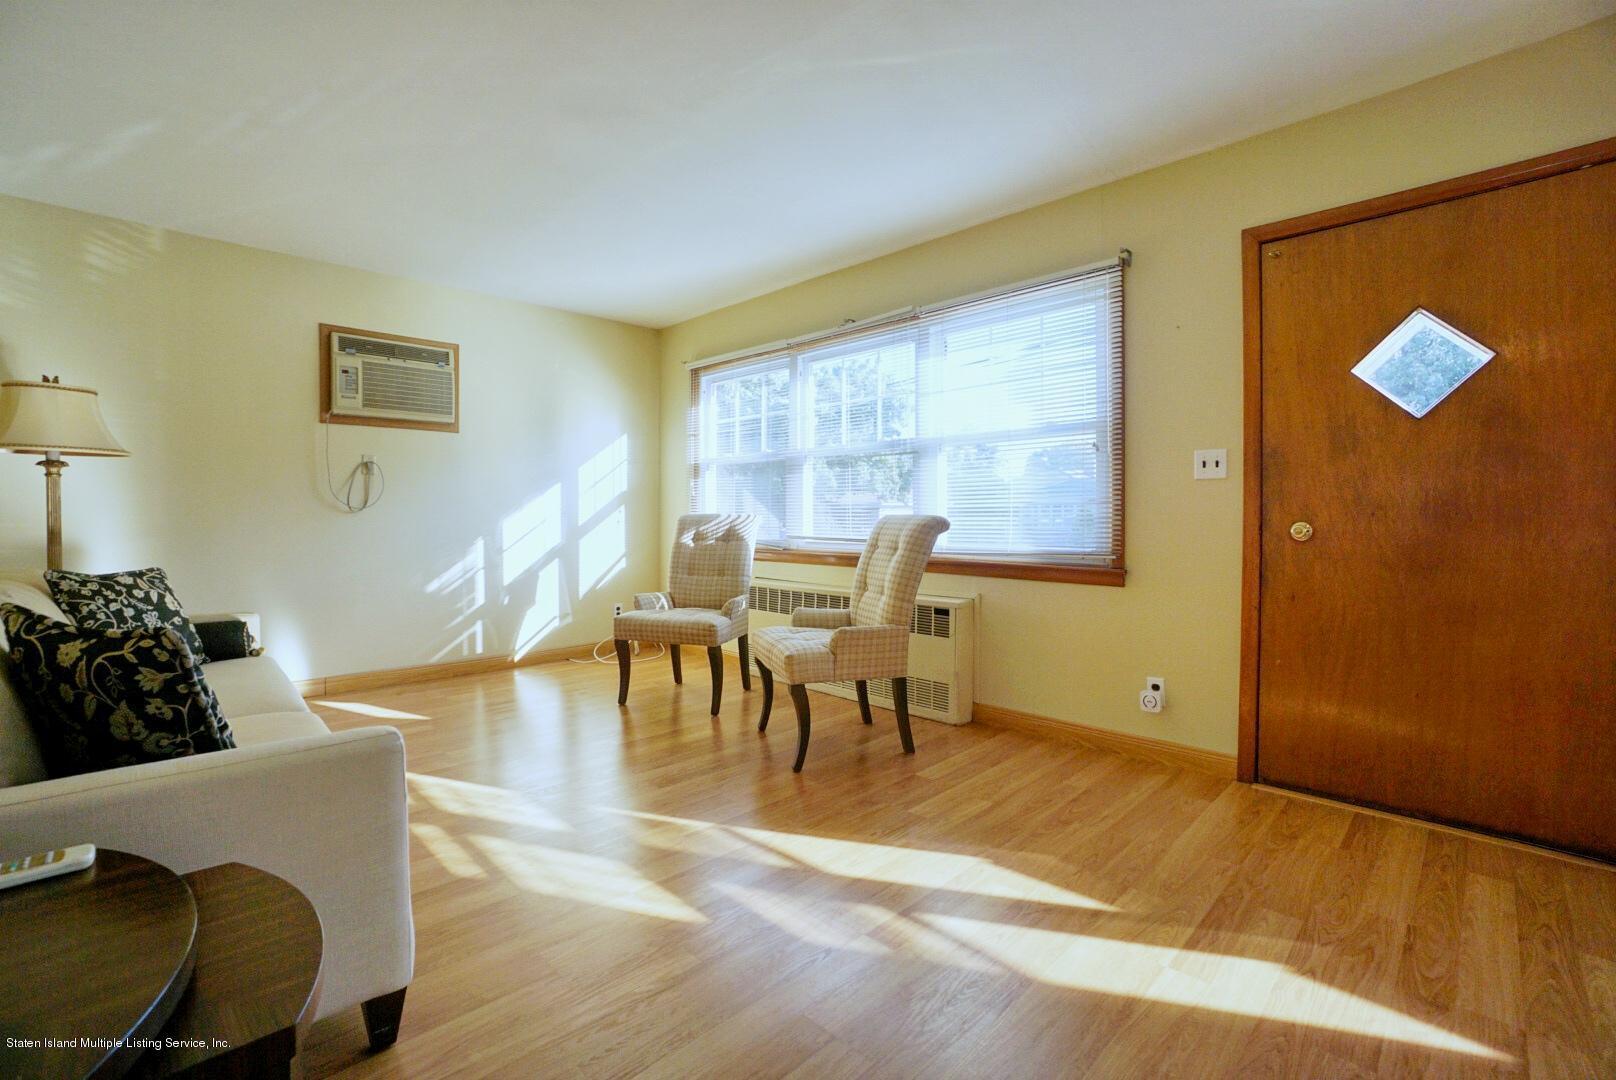 Single Family - Detached 215 Fairbanks Avenue  Staten Island, NY 10306, MLS-1138817-5